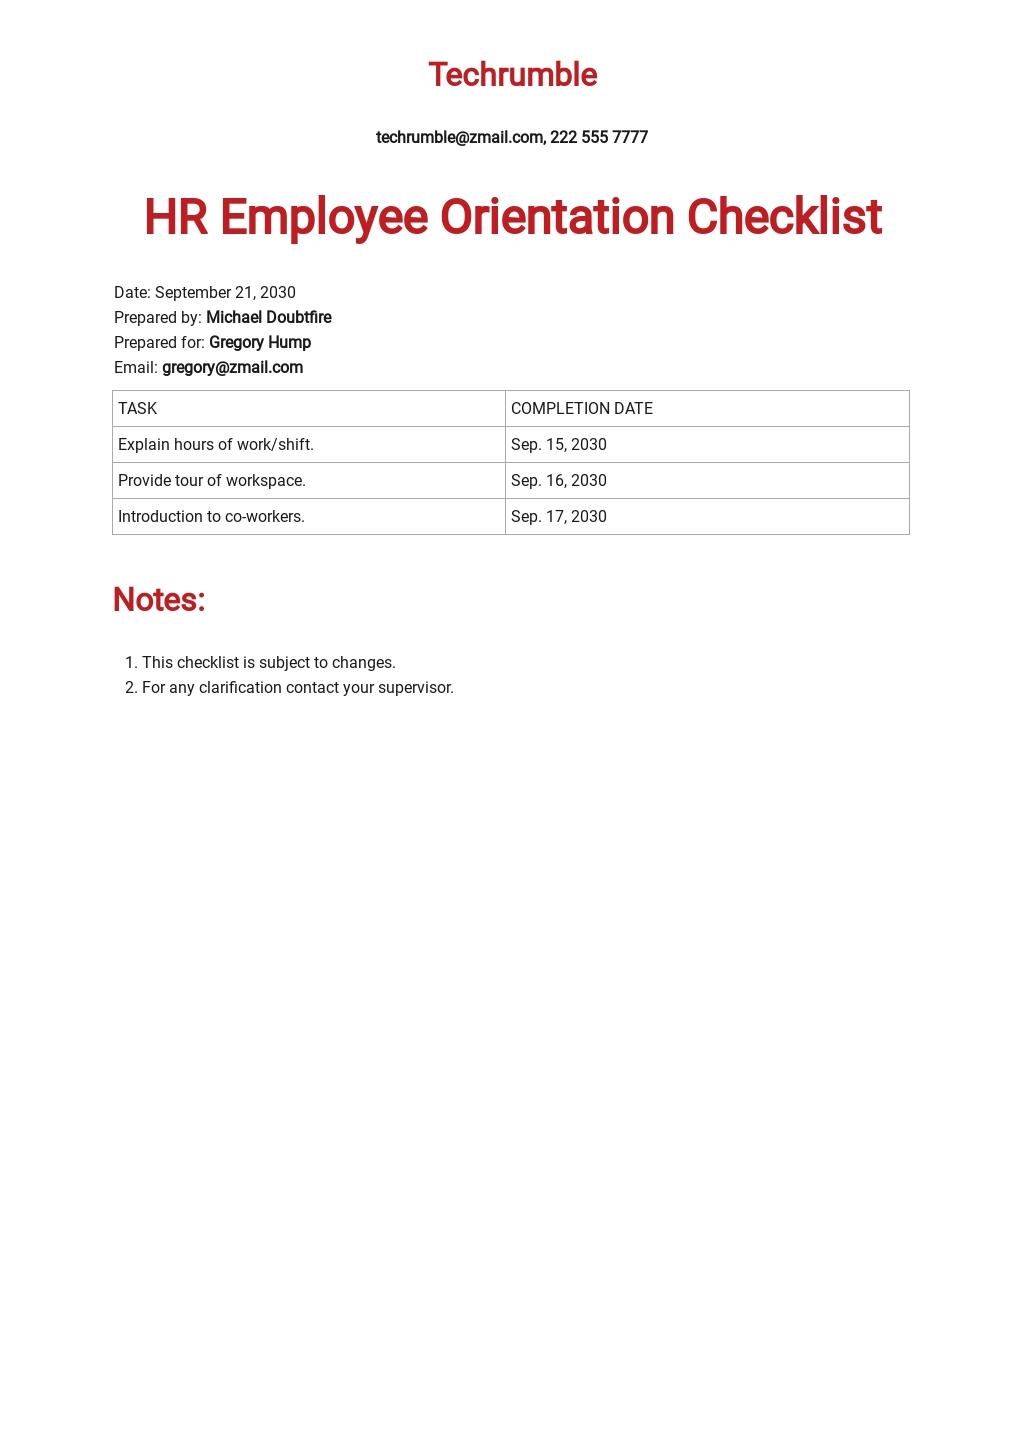 HR Employee Orientation Checklist Template